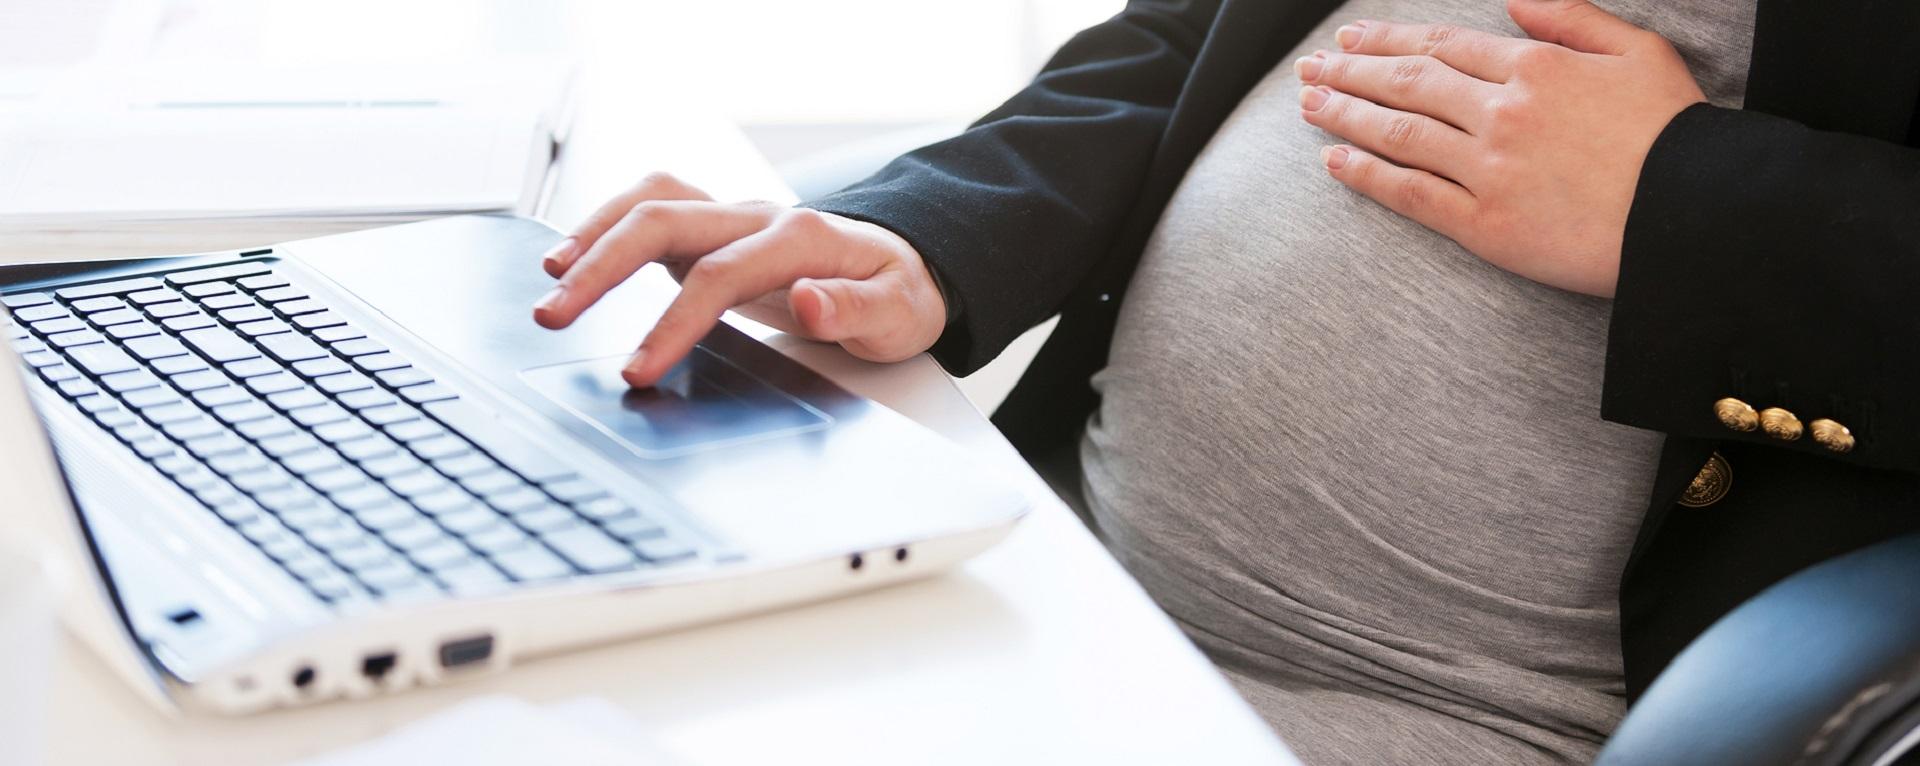 plichten werkgever in zwangerschap